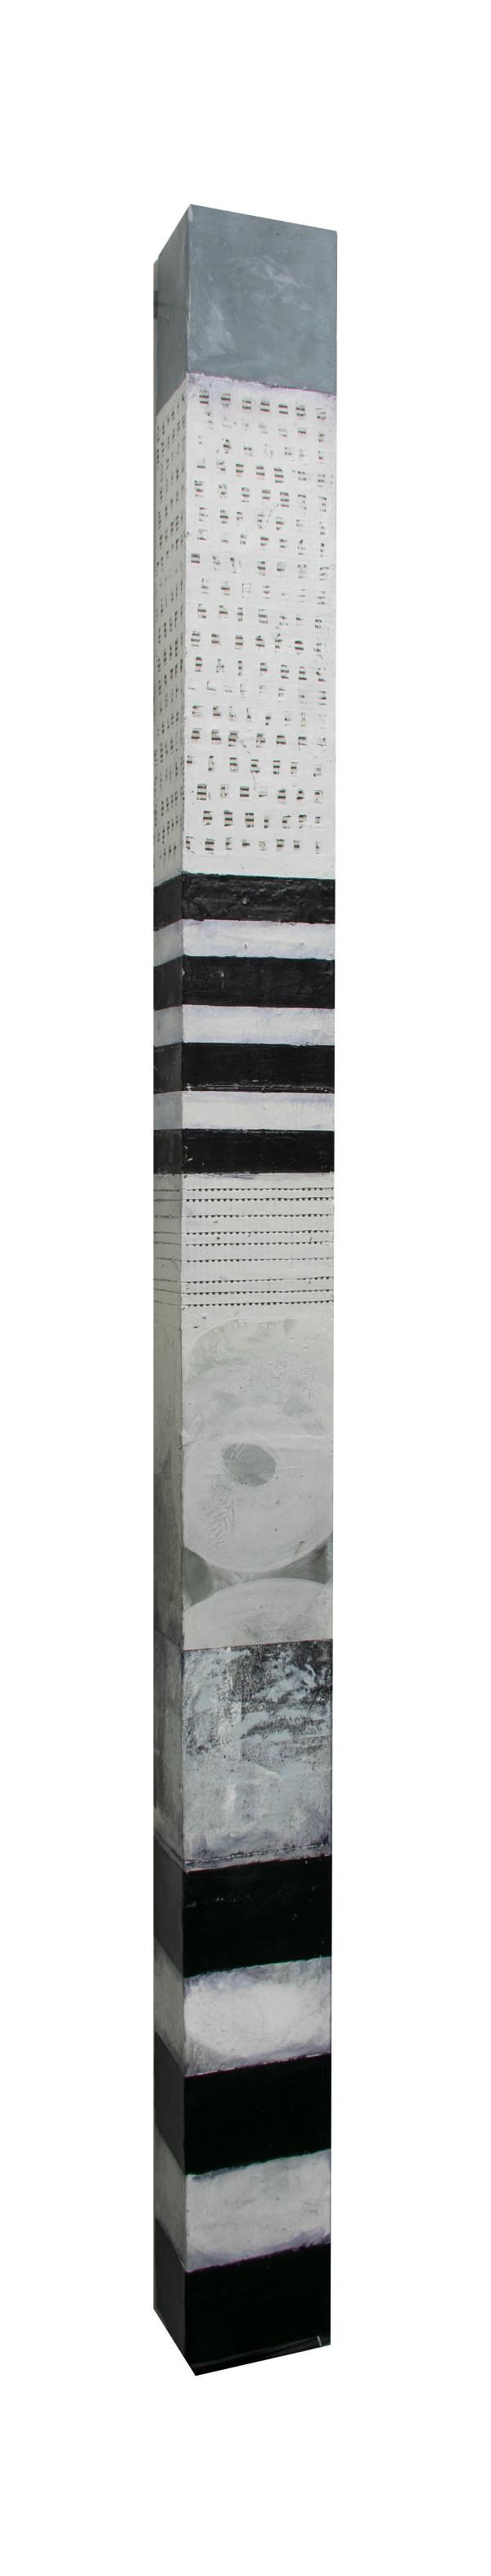 B+W Wall Column by Graceann Warn